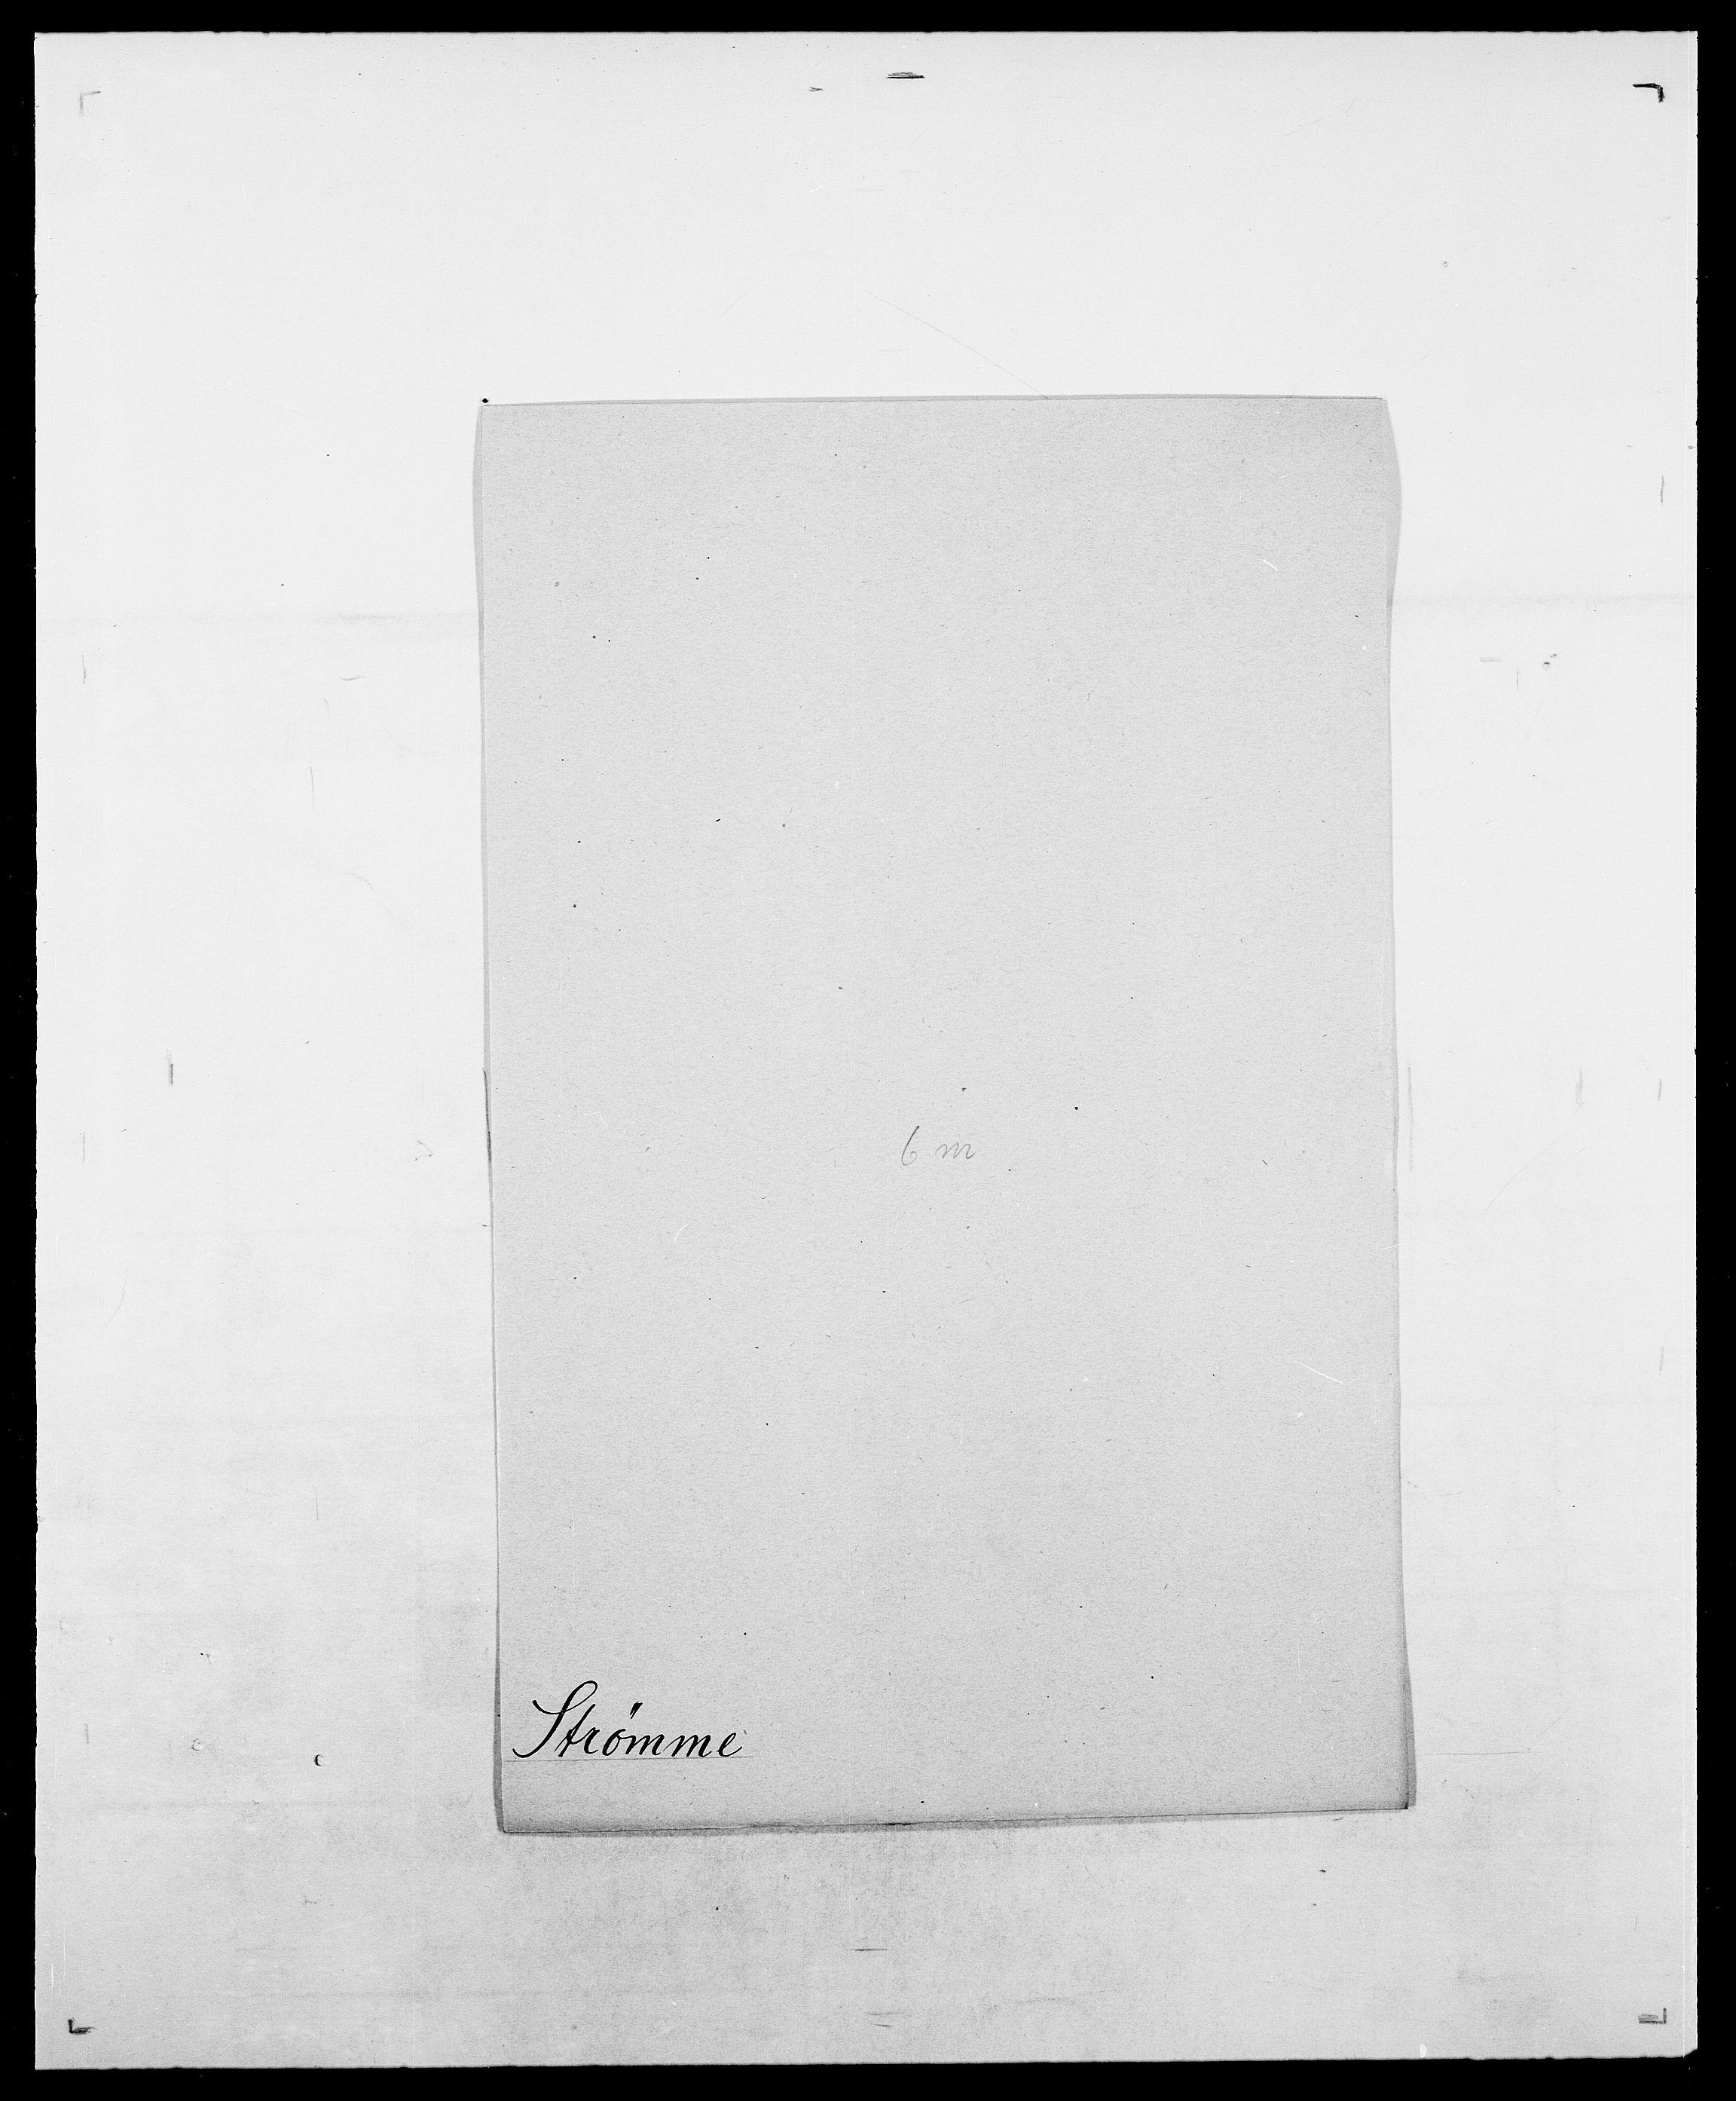 SAO, Delgobe, Charles Antoine - samling, D/Da/L0037: Steen, Sthen, Stein - Svare, Svanige, Svanne, se også Svanning og Schwane, s. 706